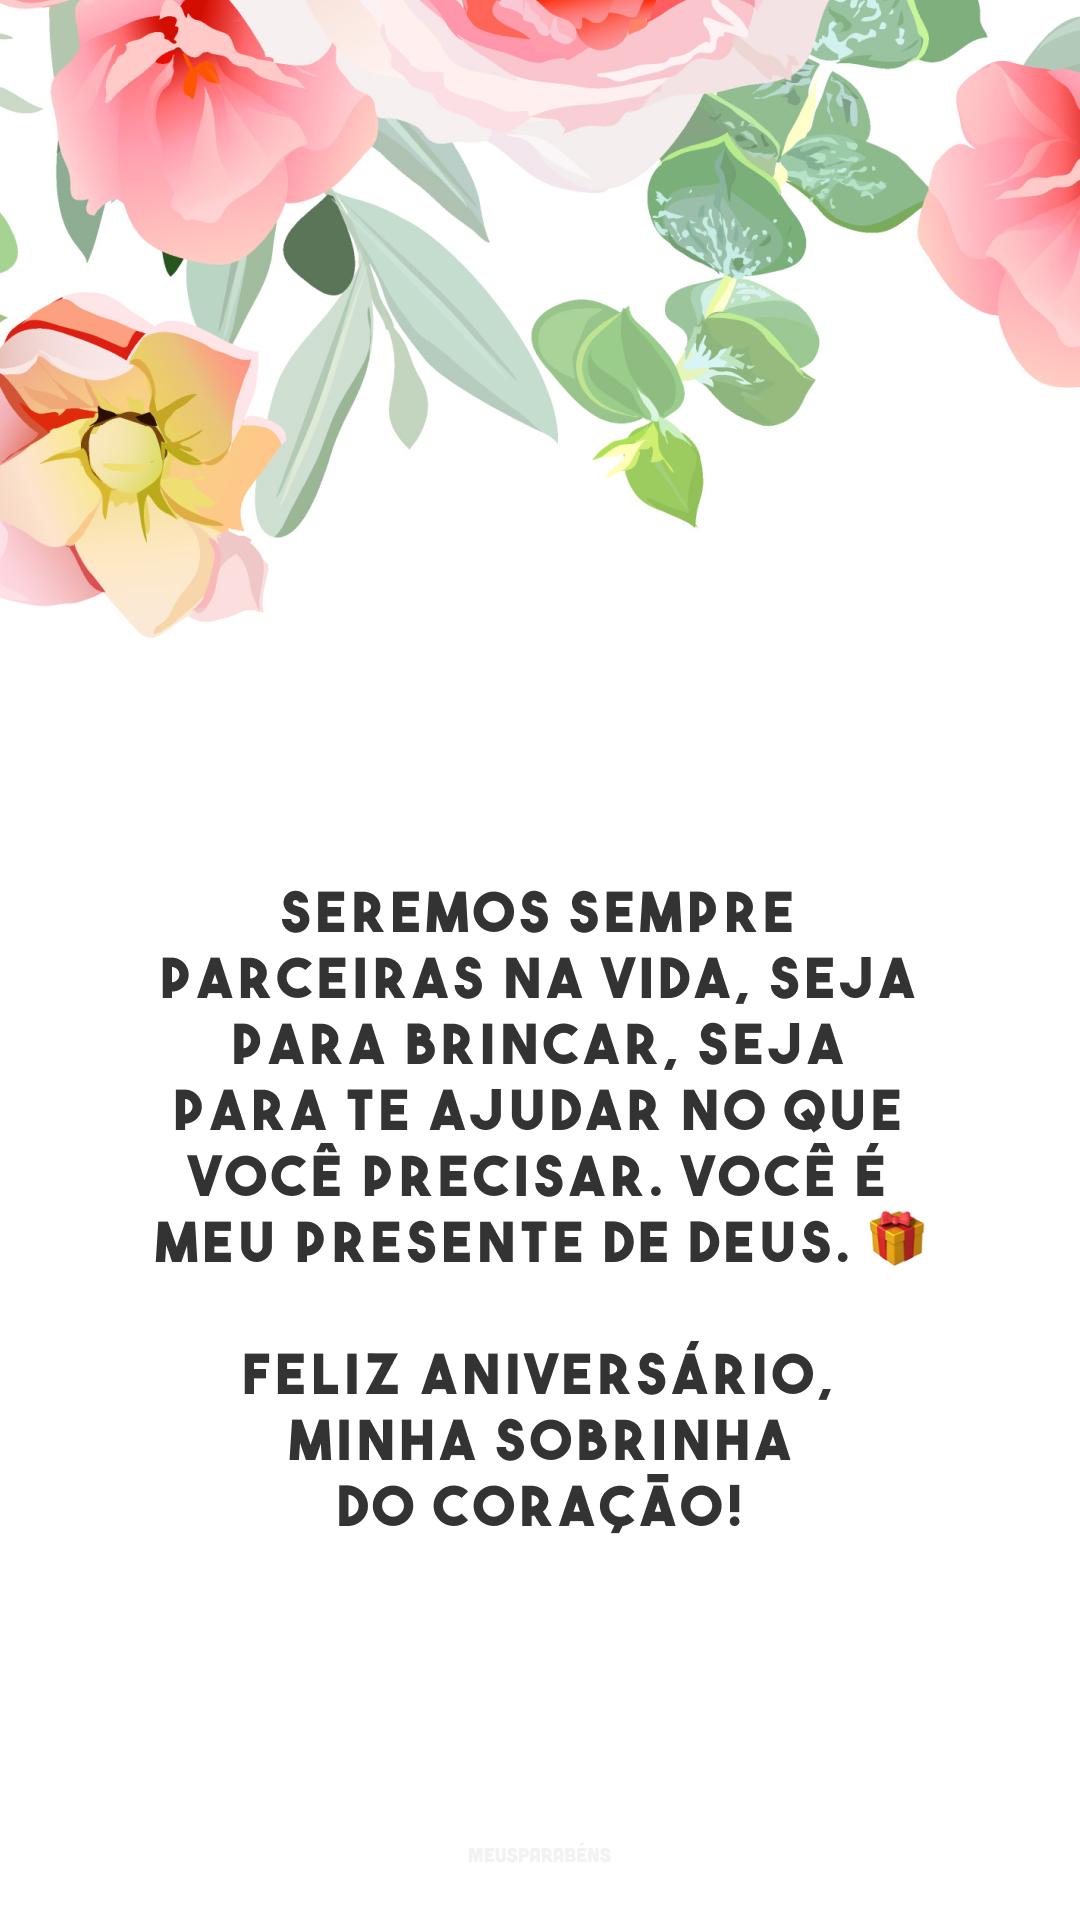 Seremos sempre parceiras na vida, seja para brincar, seja para te ajudar no que você precisar. Você é meu presente de Deus. 🎁 Feliz aniversário, minha sobrinha do coração!